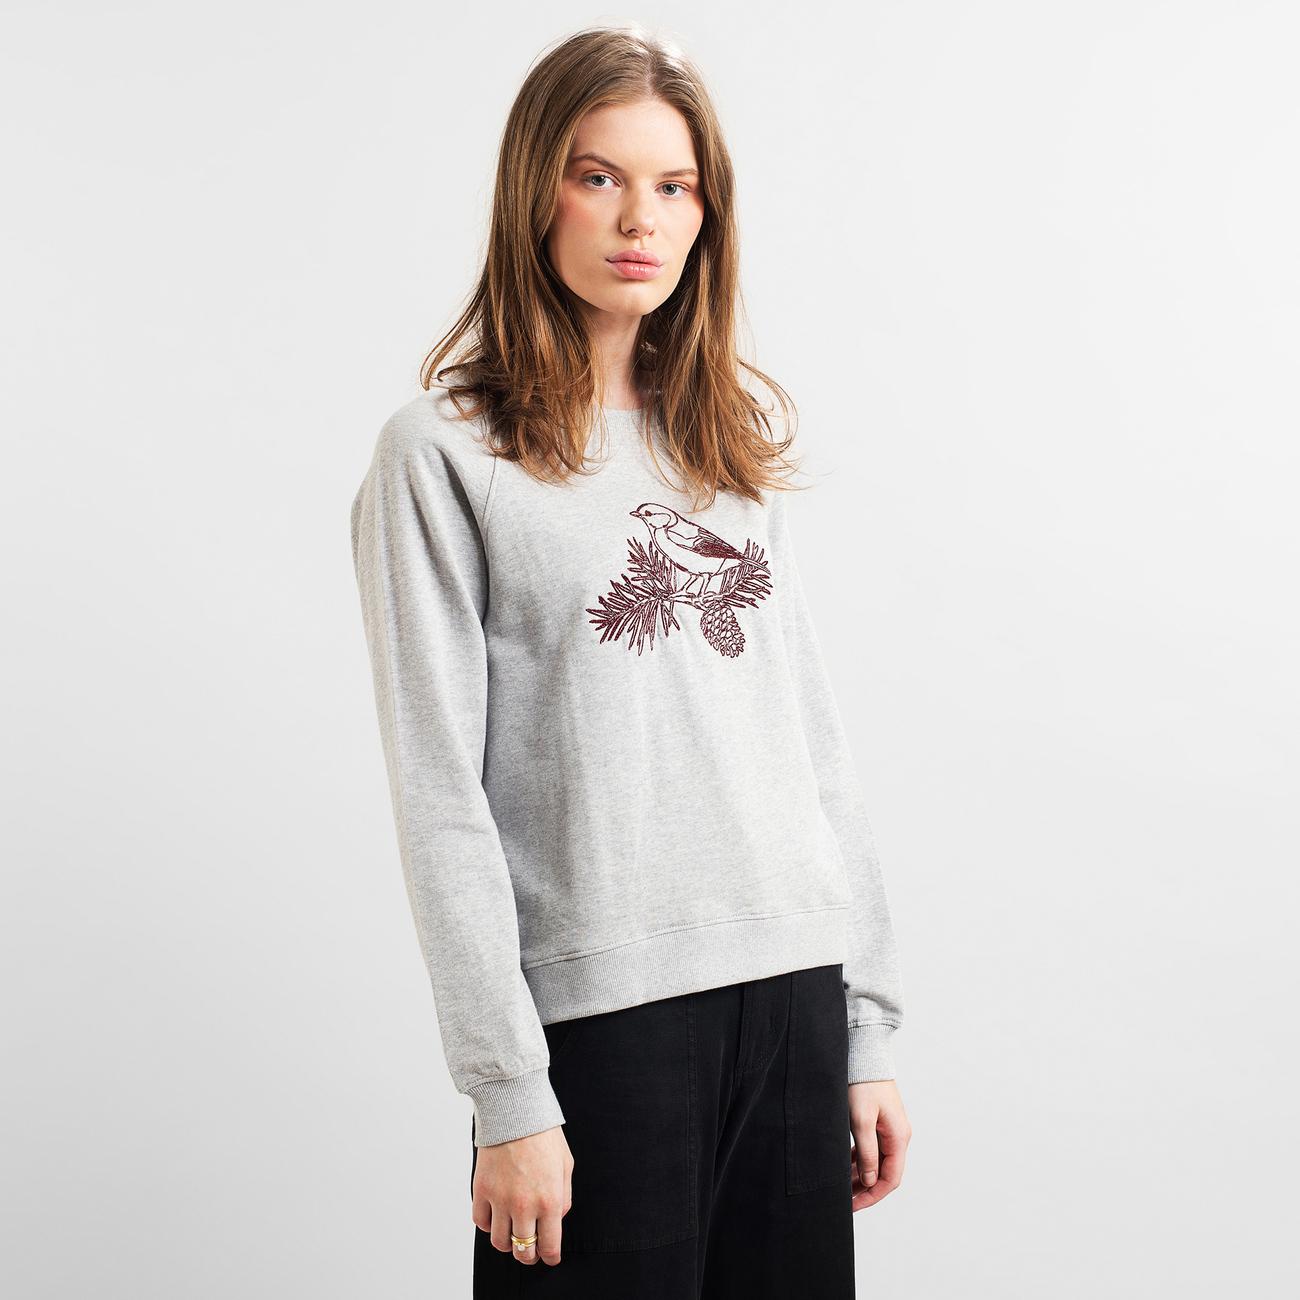 Sweatshirt Ystad Raglan Cone Bird